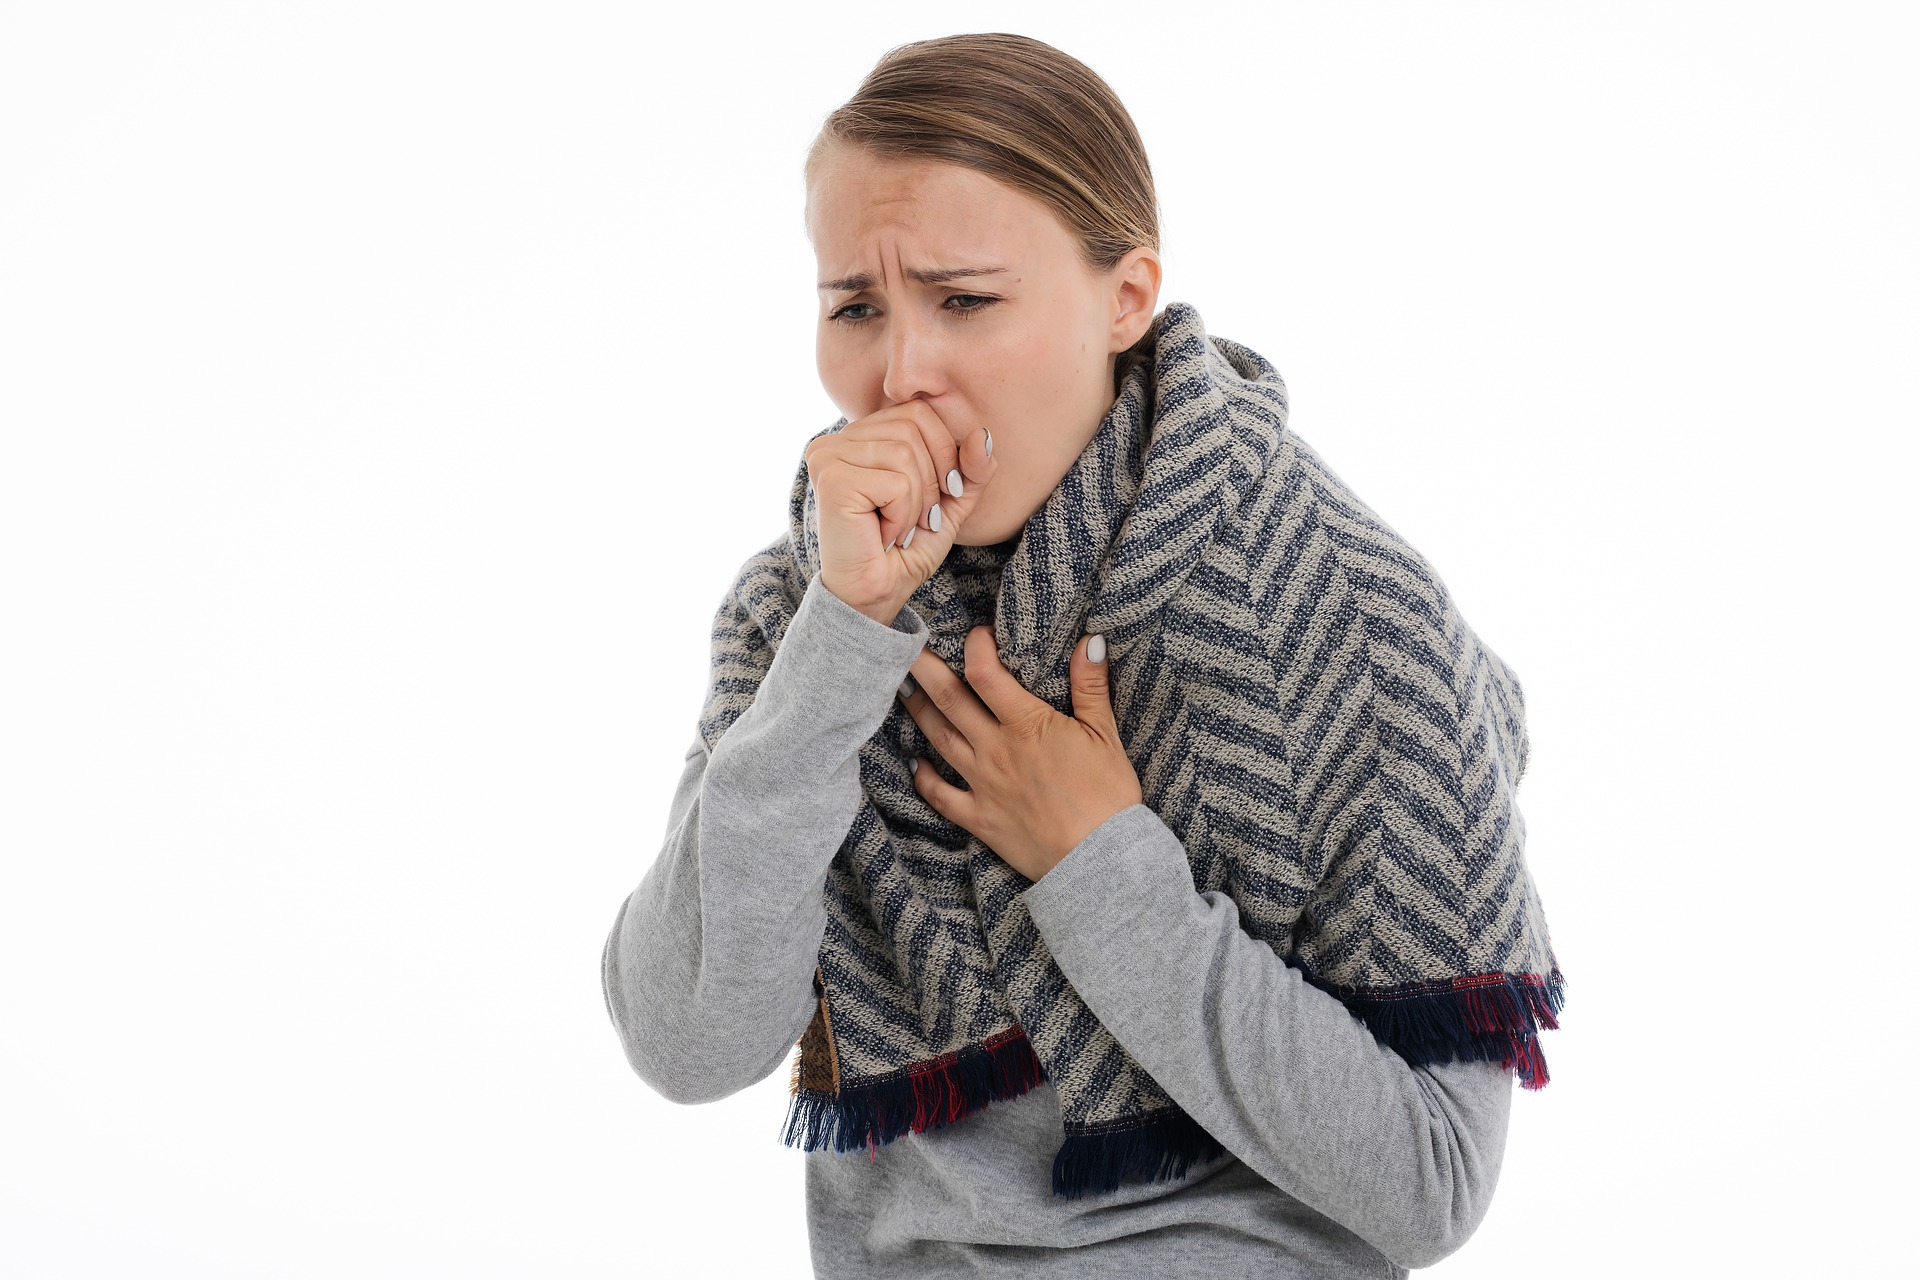 Alergie, ale aj prechladnutie môžu byť spôsobené psychickými problémami